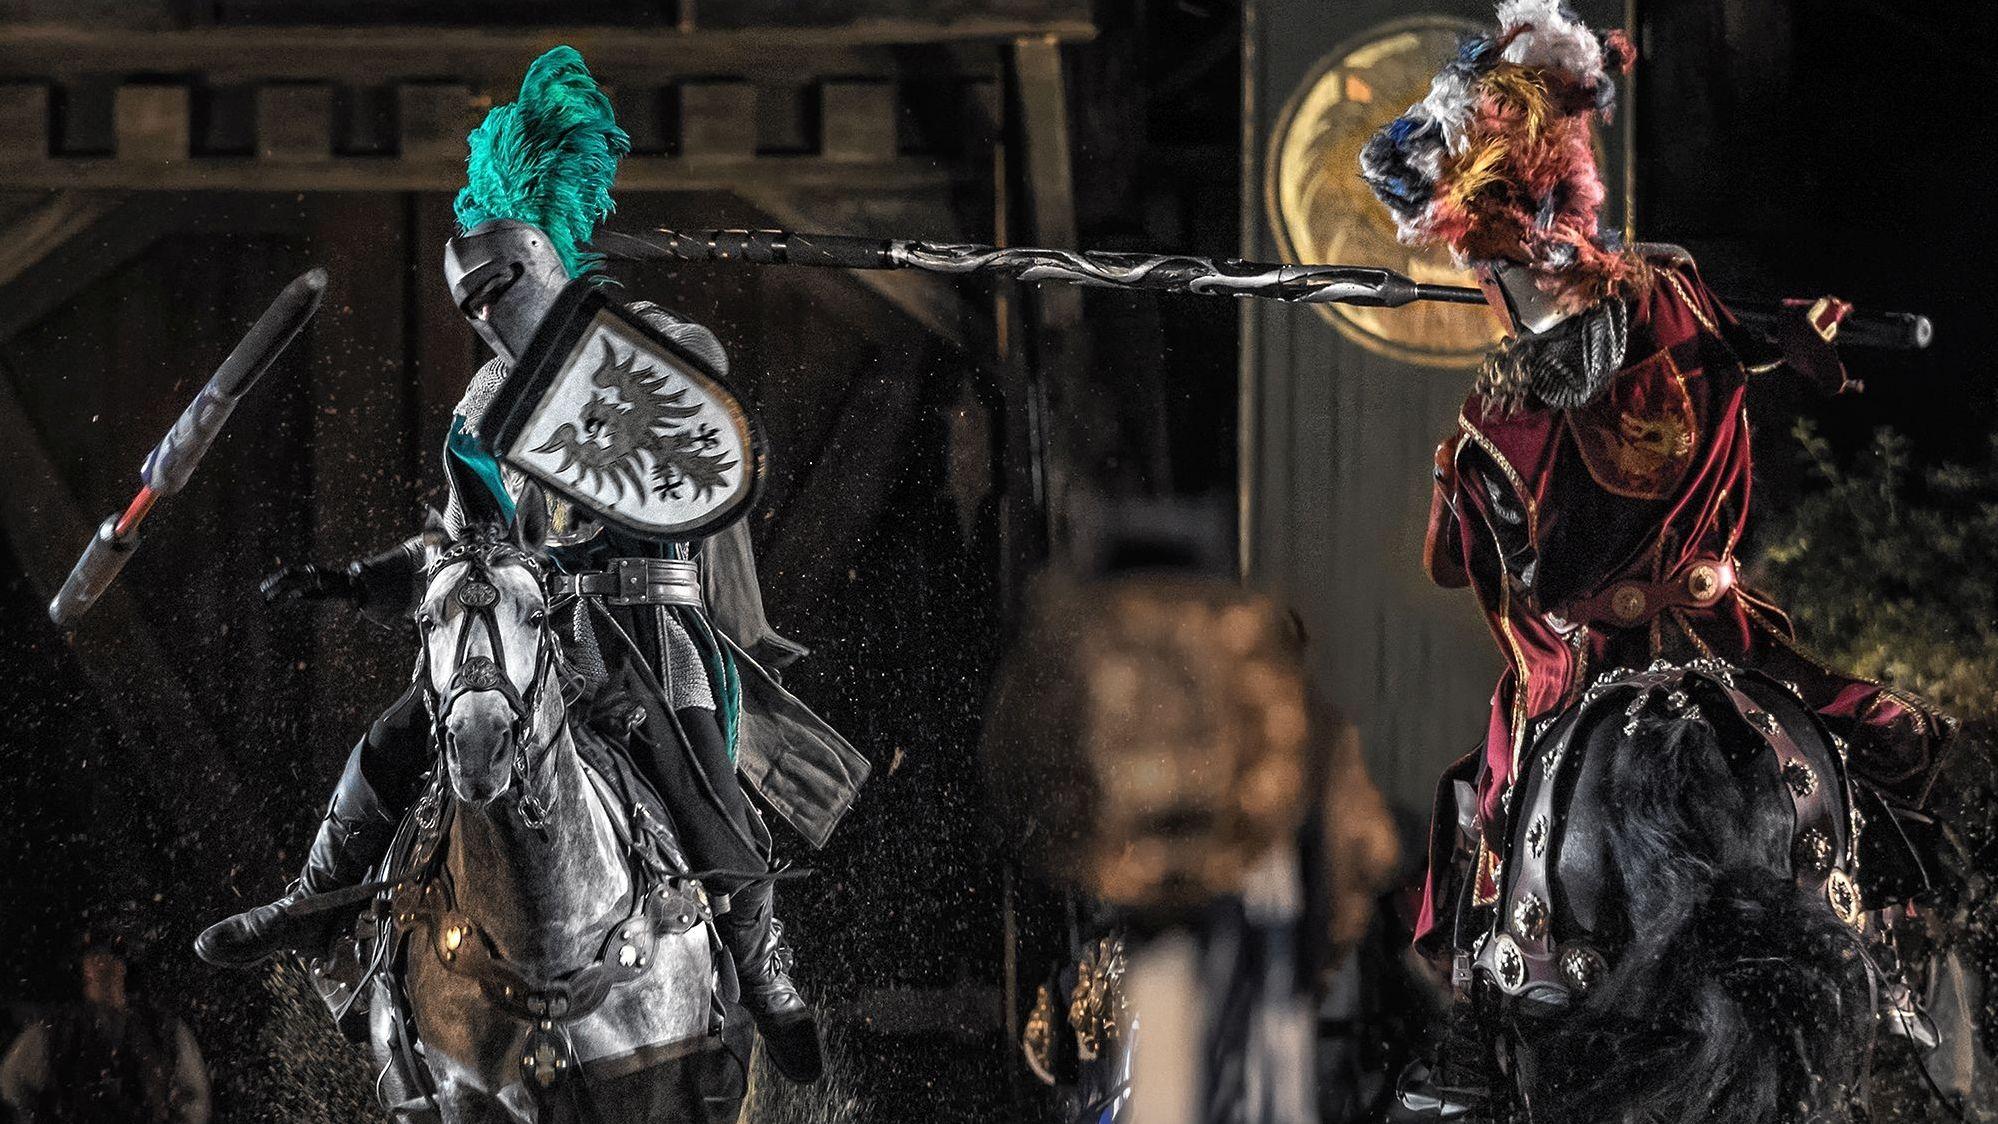 Zwei Ritter auf ihren Pferden gehen mit den Lanzen aufeinander los.